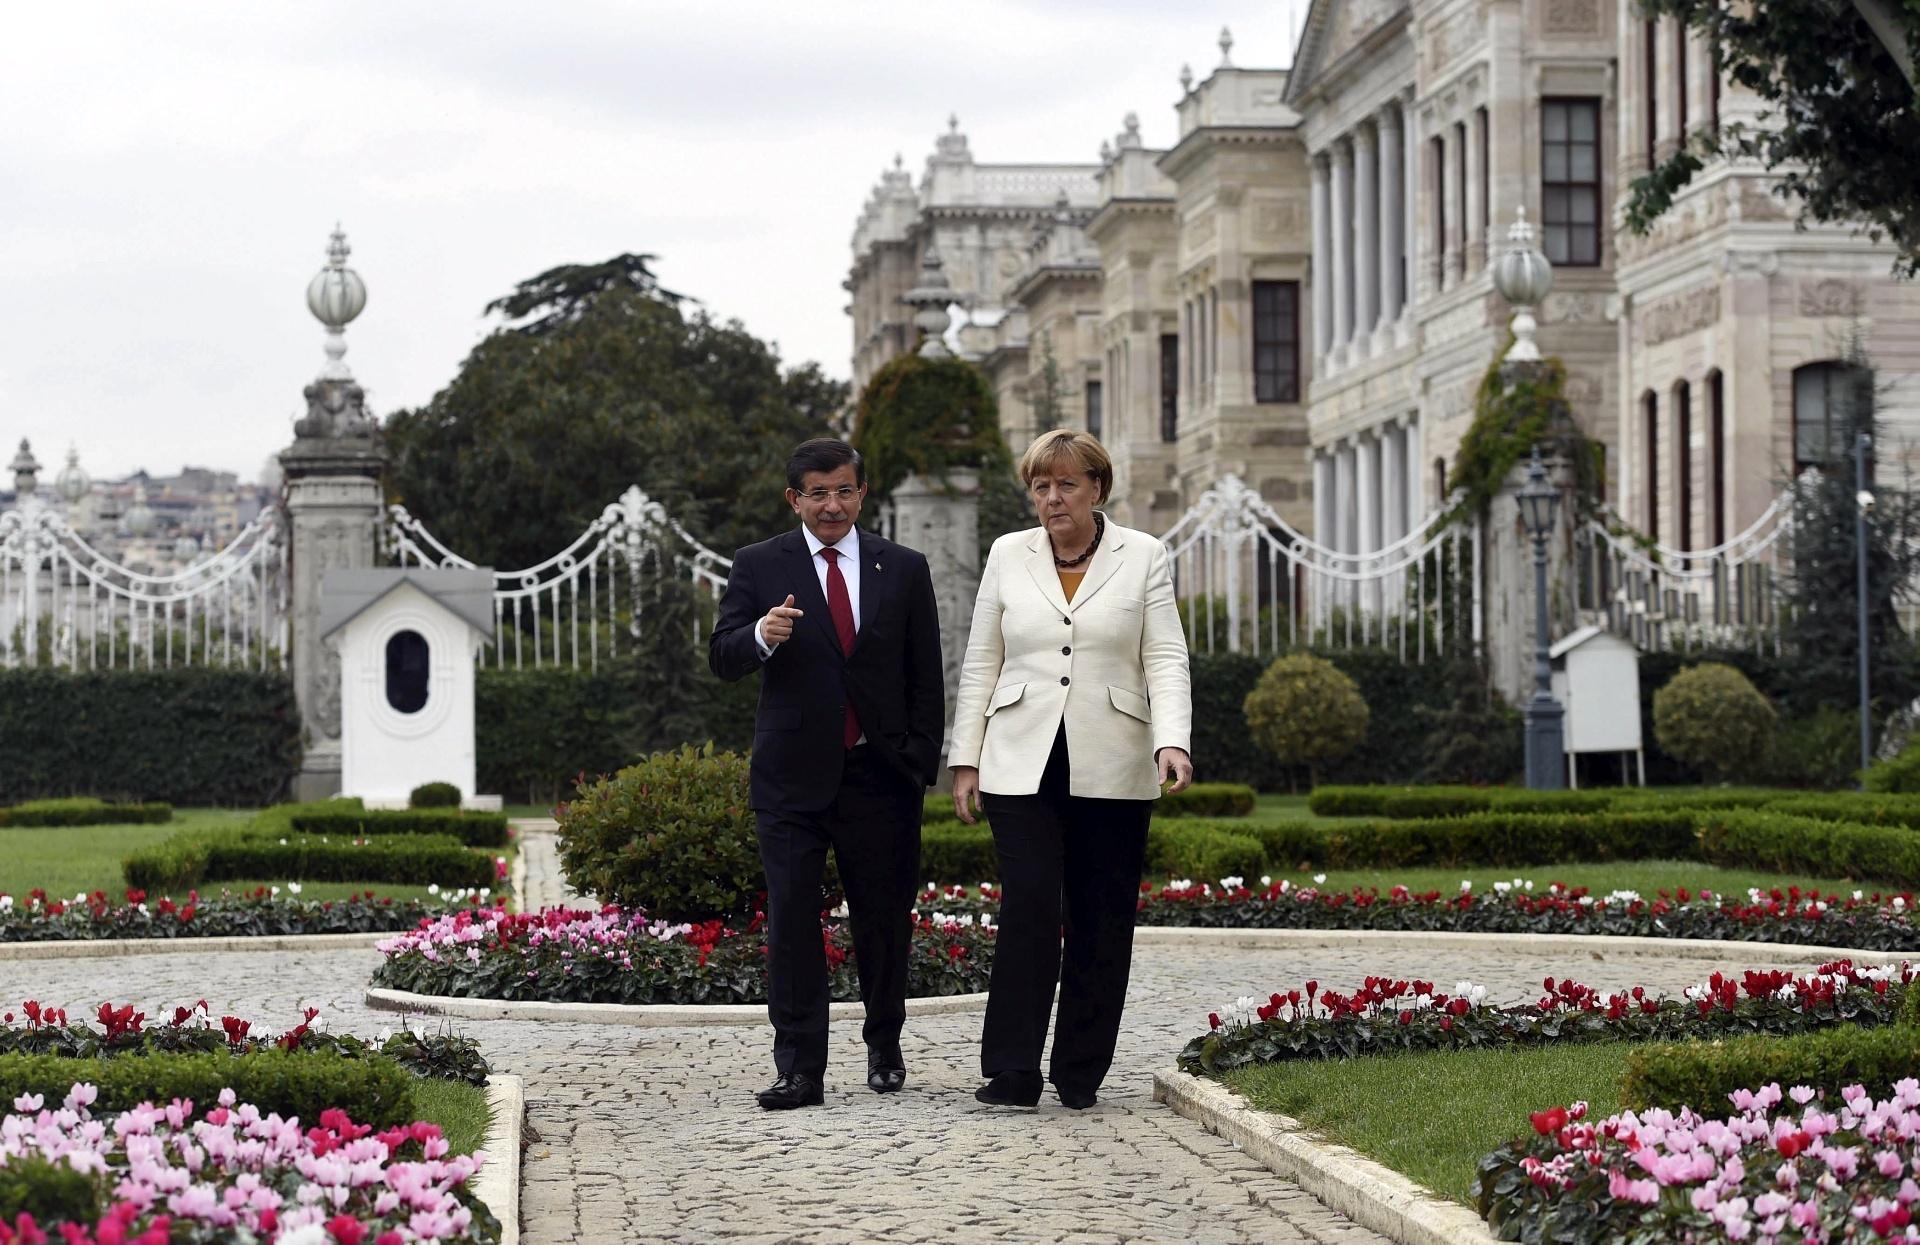 18.out.2015 - Chanceler alemã, Angela Merkel, caminha com o primeiro-ministro da Turquia, Ahmet Davutoglu, em Istambul. Ela está no país e, em troca da cooperação para conter o fluxo de refugiados em direção à Europa, ofereceu respaldo ao processo de adesão da Turquia à UE e ajuda financeira para país manter campos de refugiados